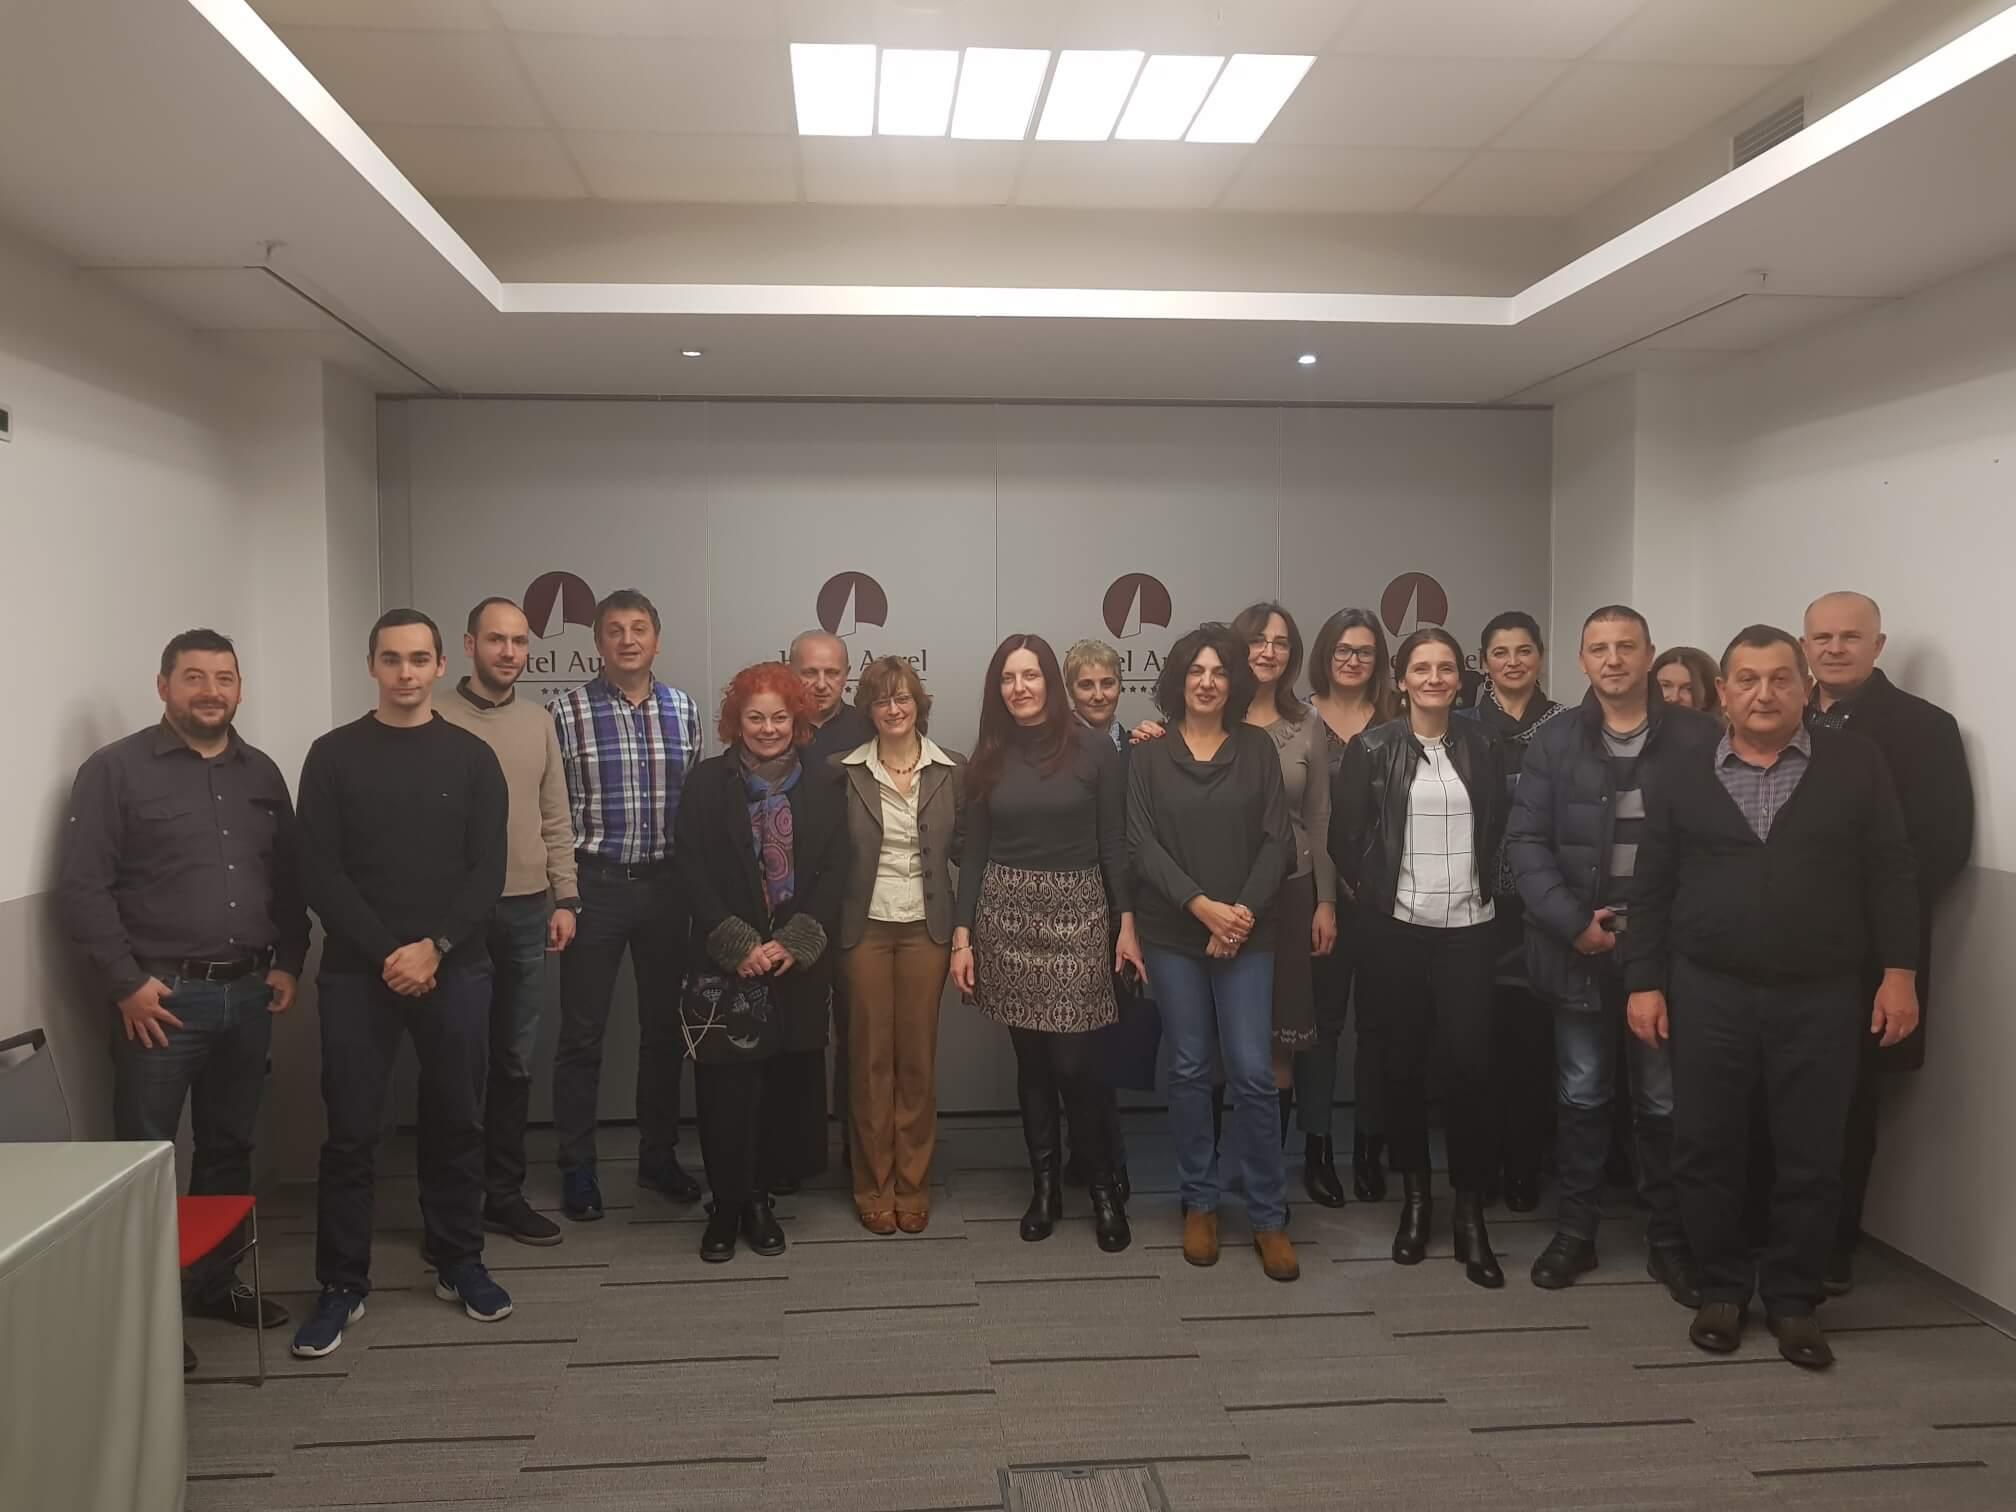 Održan je seminar u hotelu Aurel u Podgorici